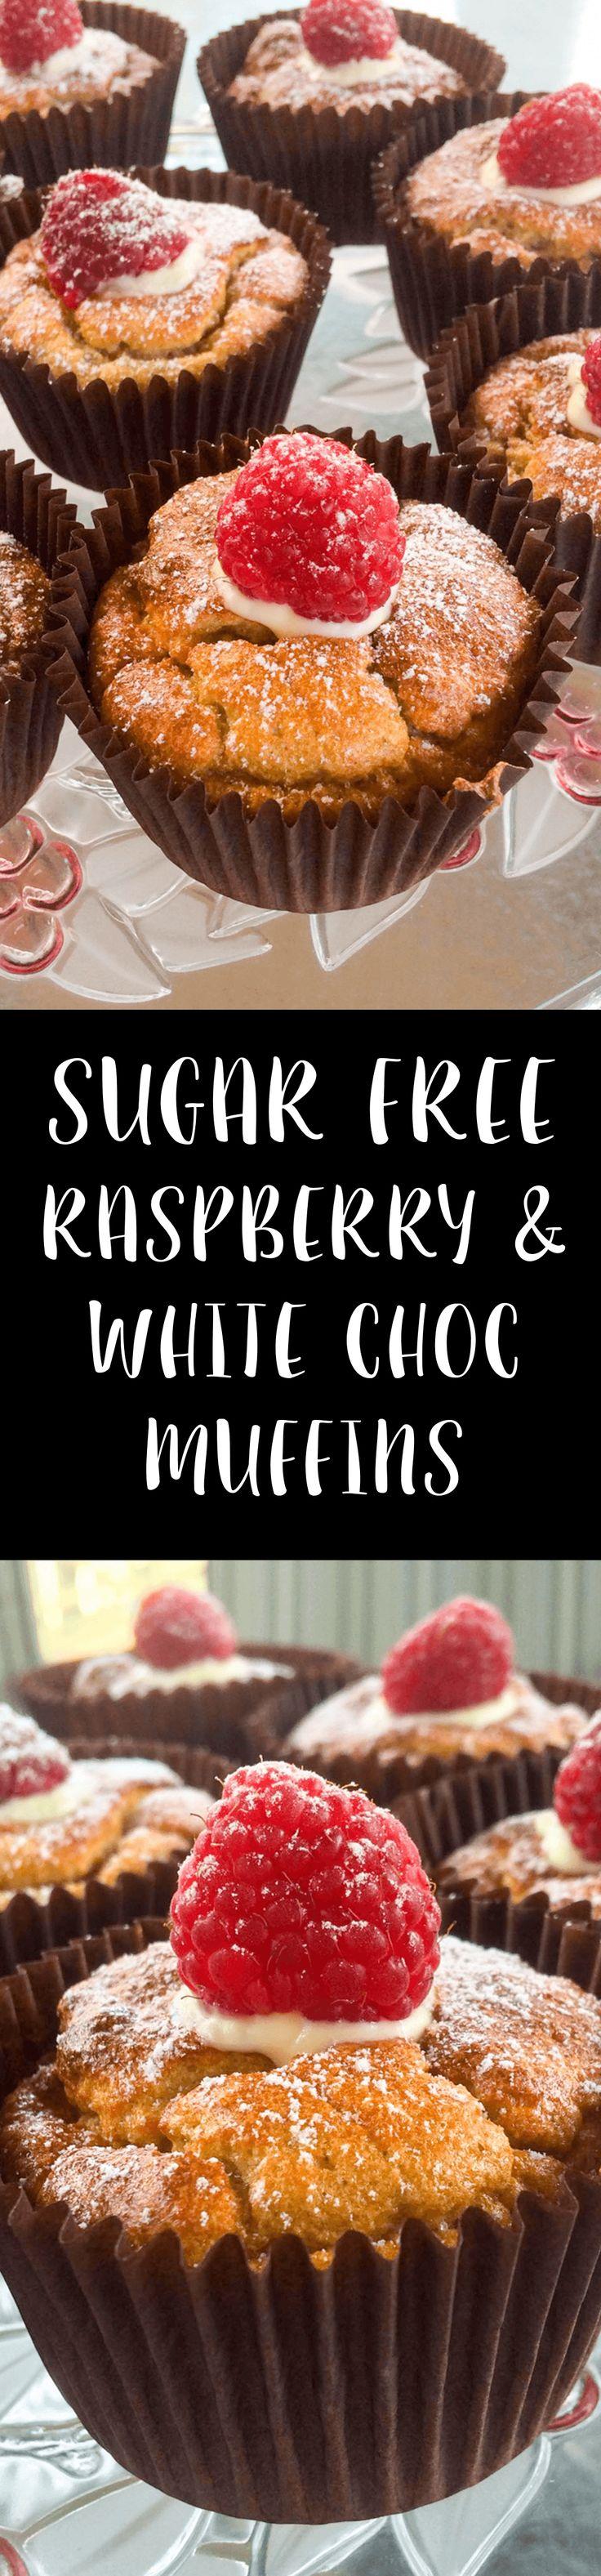 Sugar Free Raspberry and White Chocolate Muffins | Slimming World